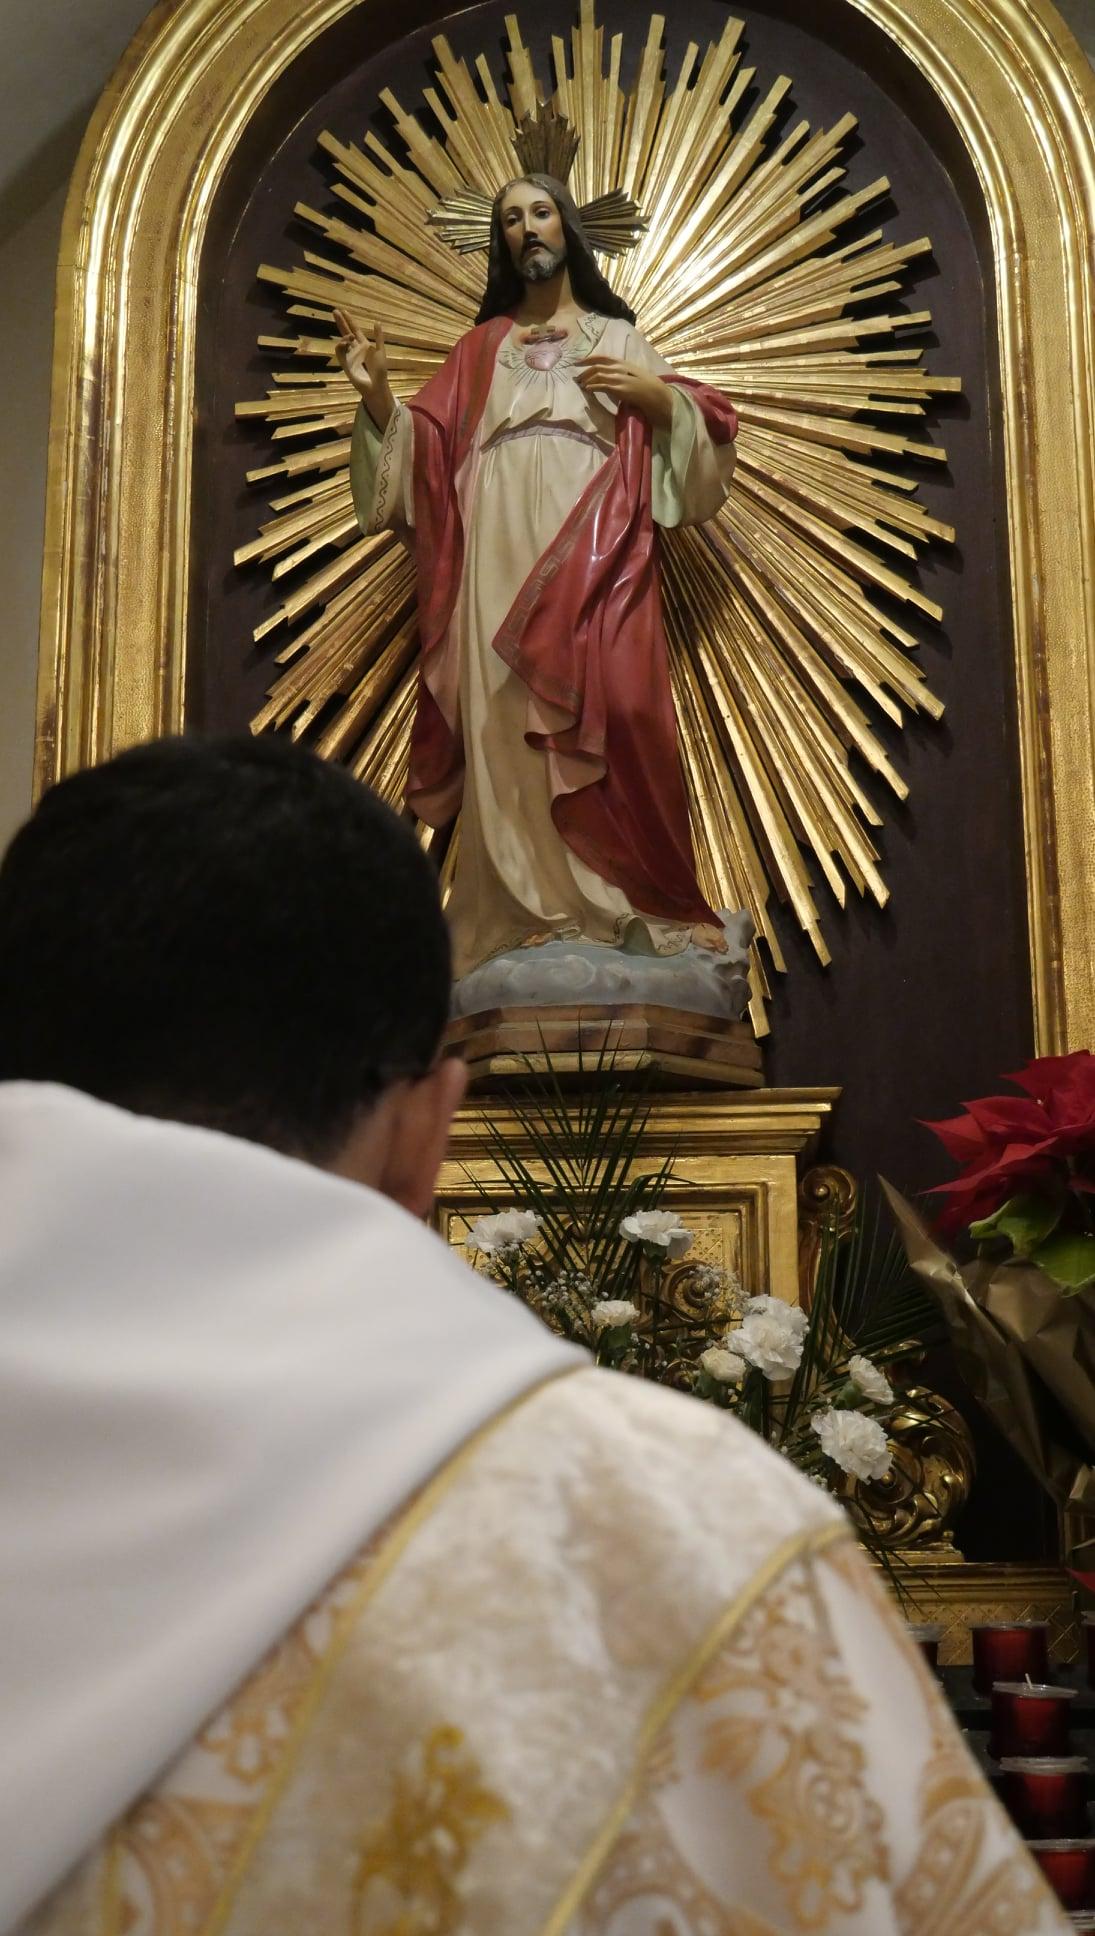 España: Acto de desagravio por los pecados contra el Sagrado Corazón. Monasterio del Pueyo